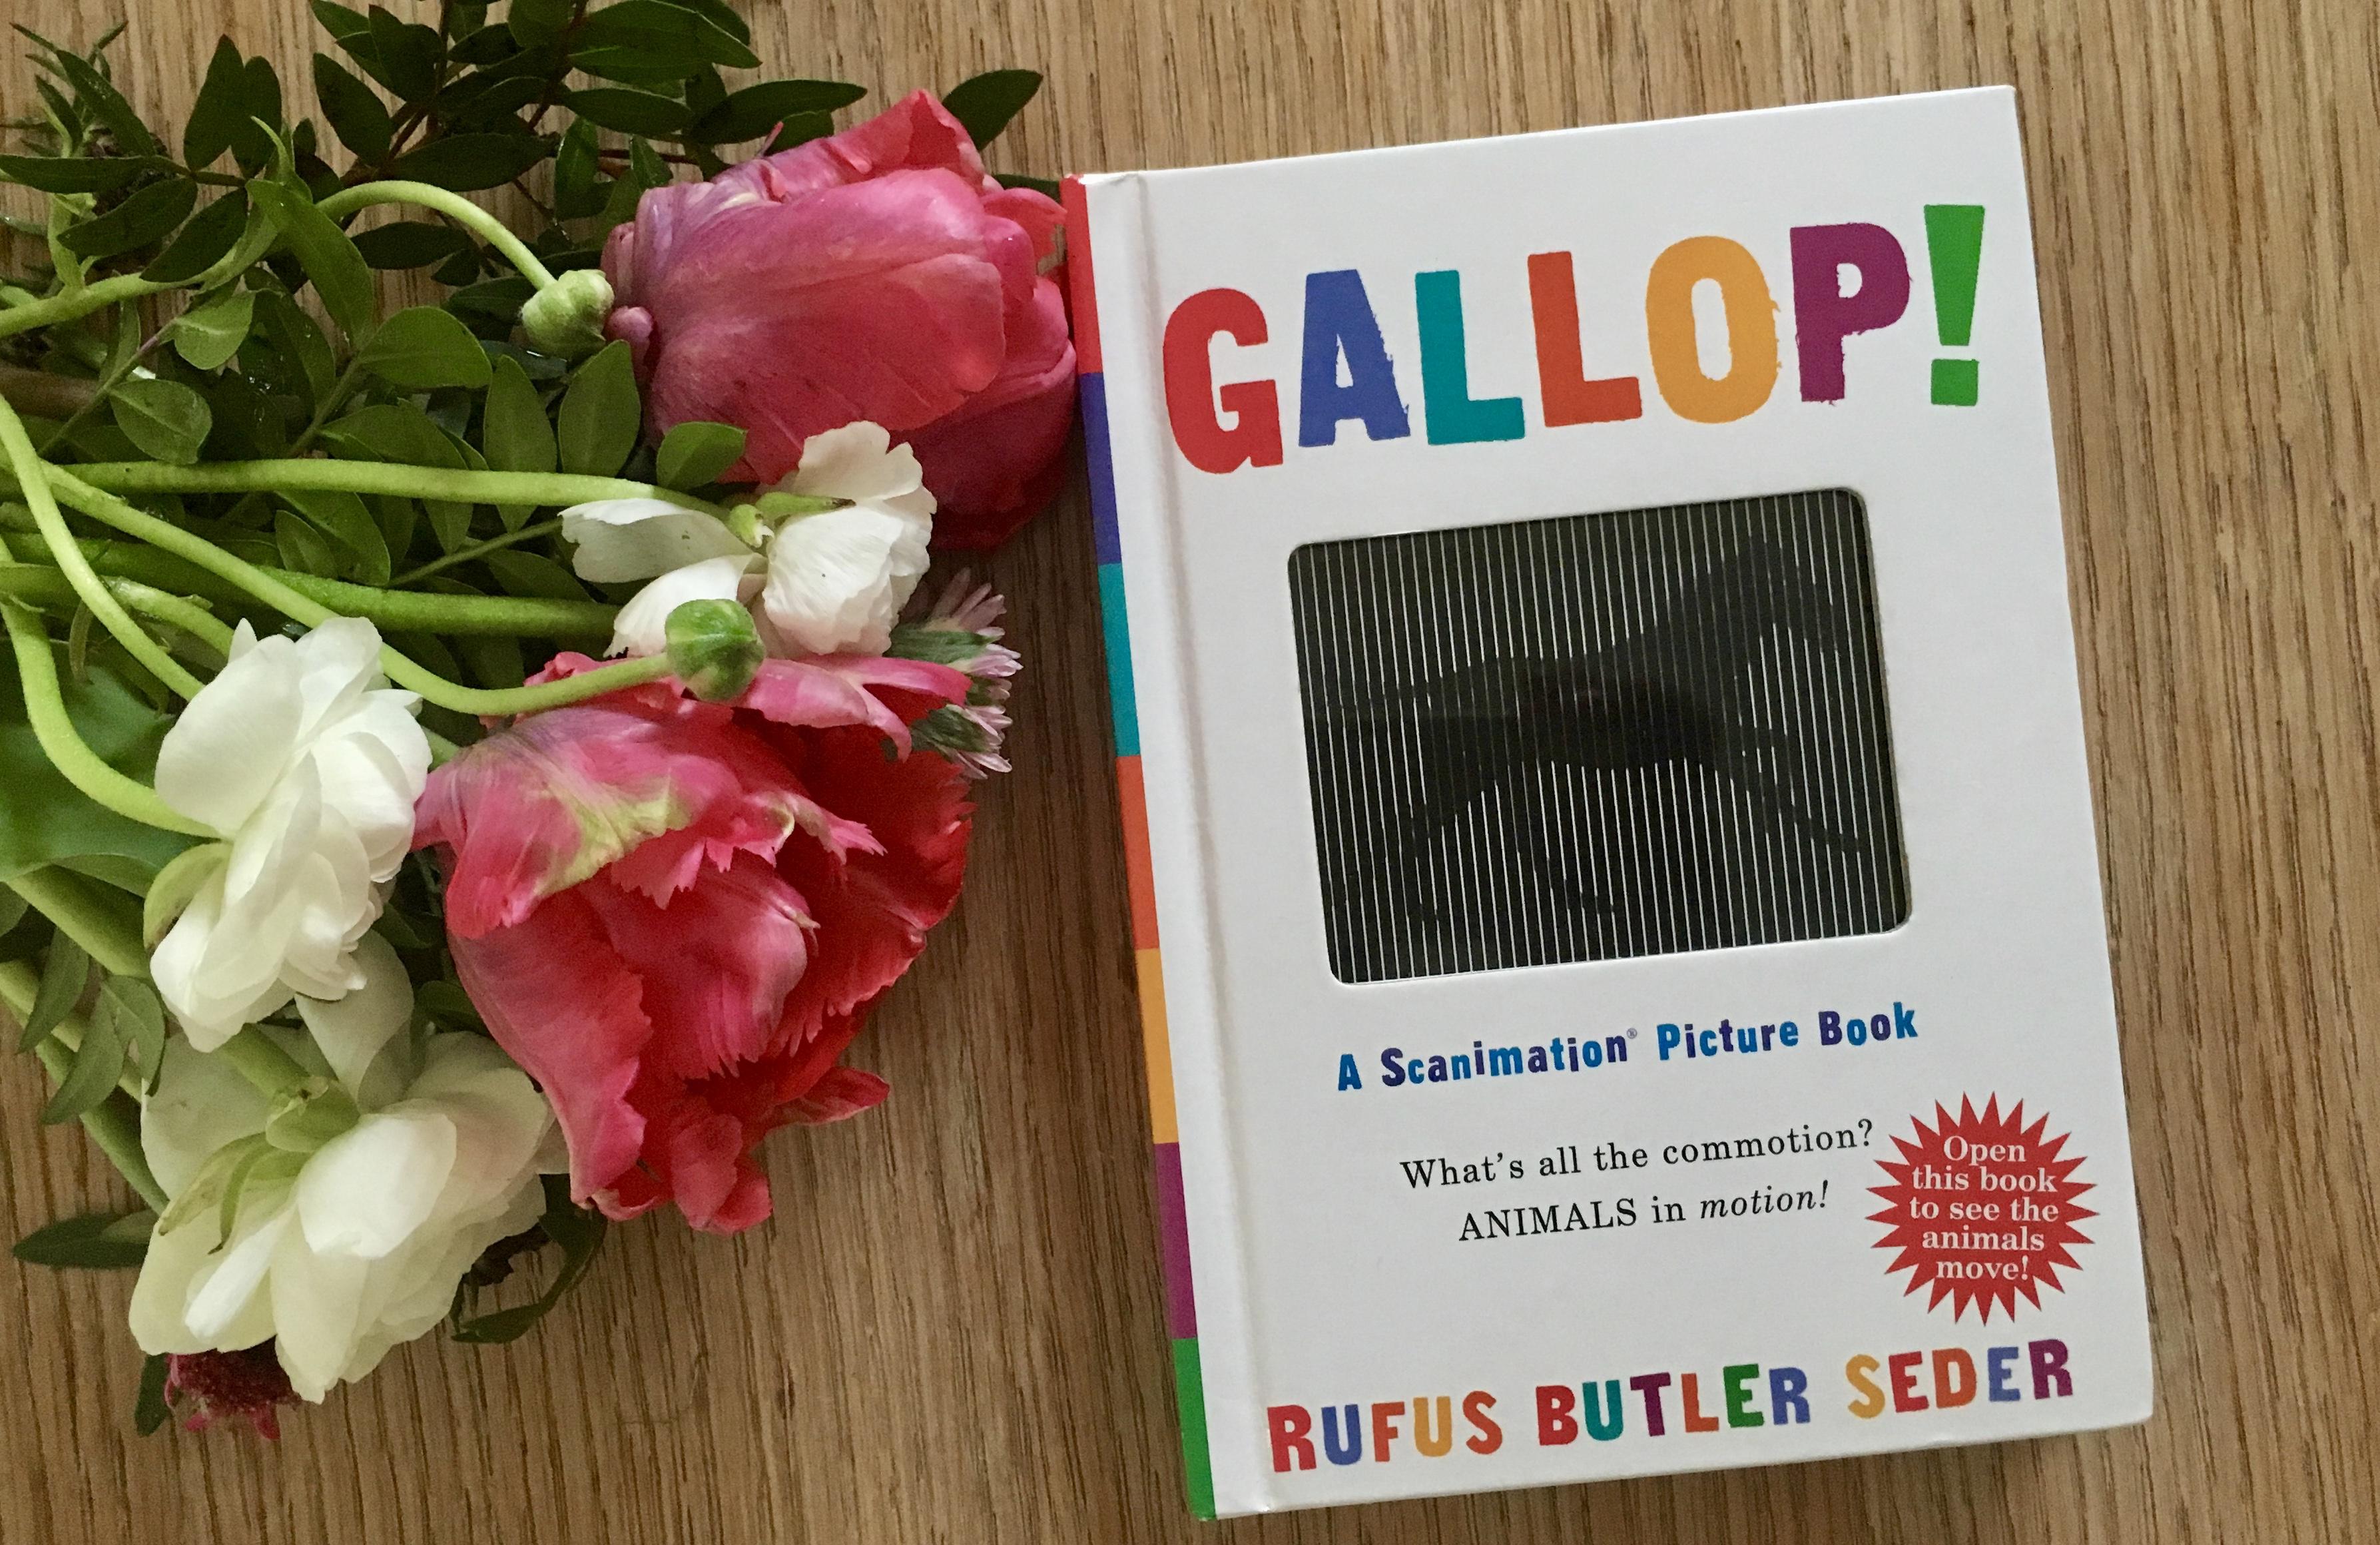 Gallop! von Rufus Butler Seder